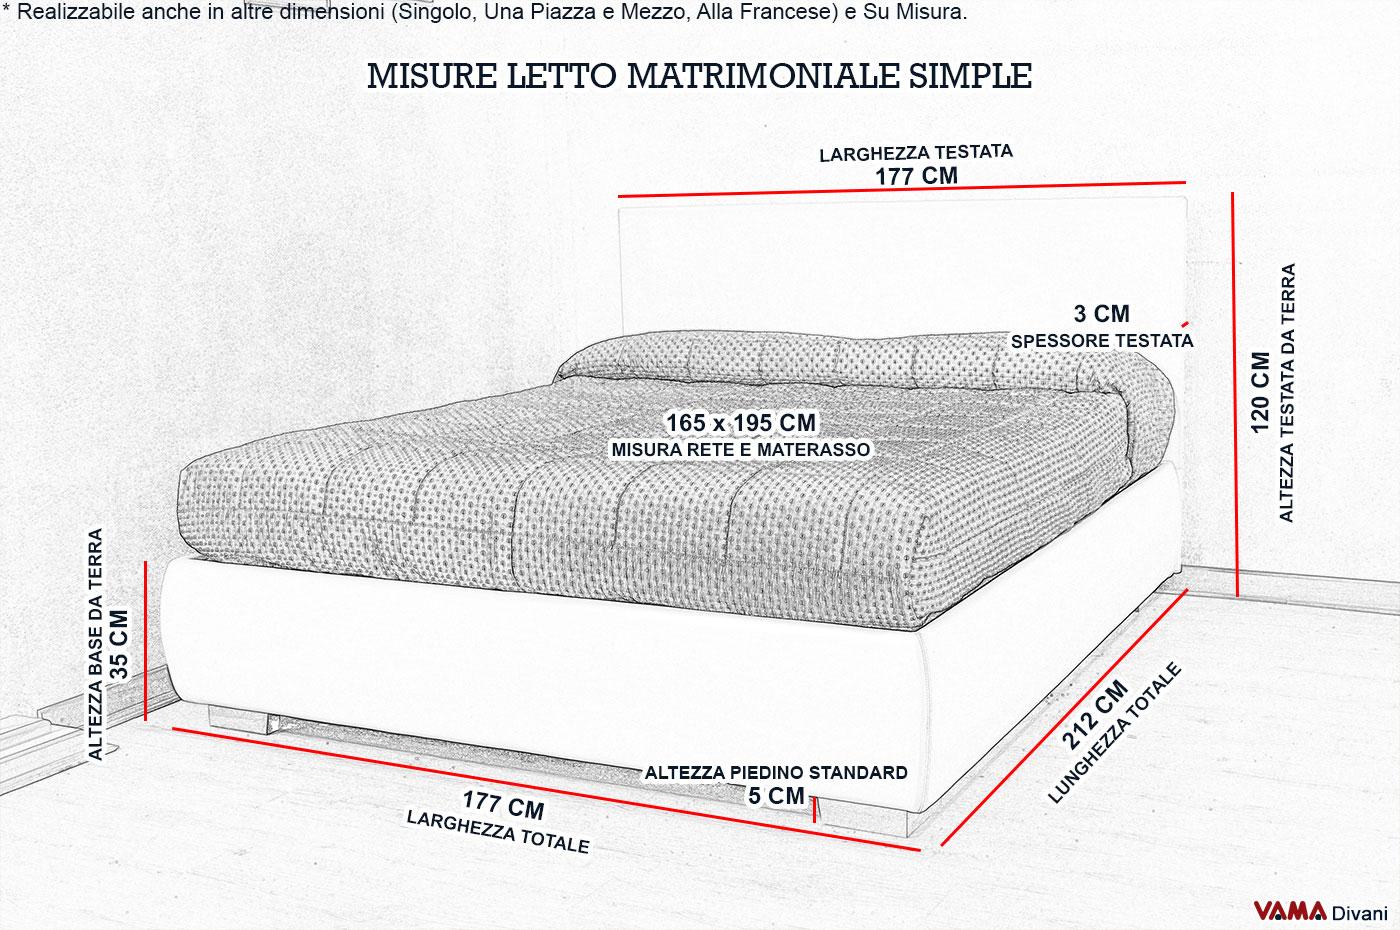 letto imbottito in tessuto con contenitore testata semplice